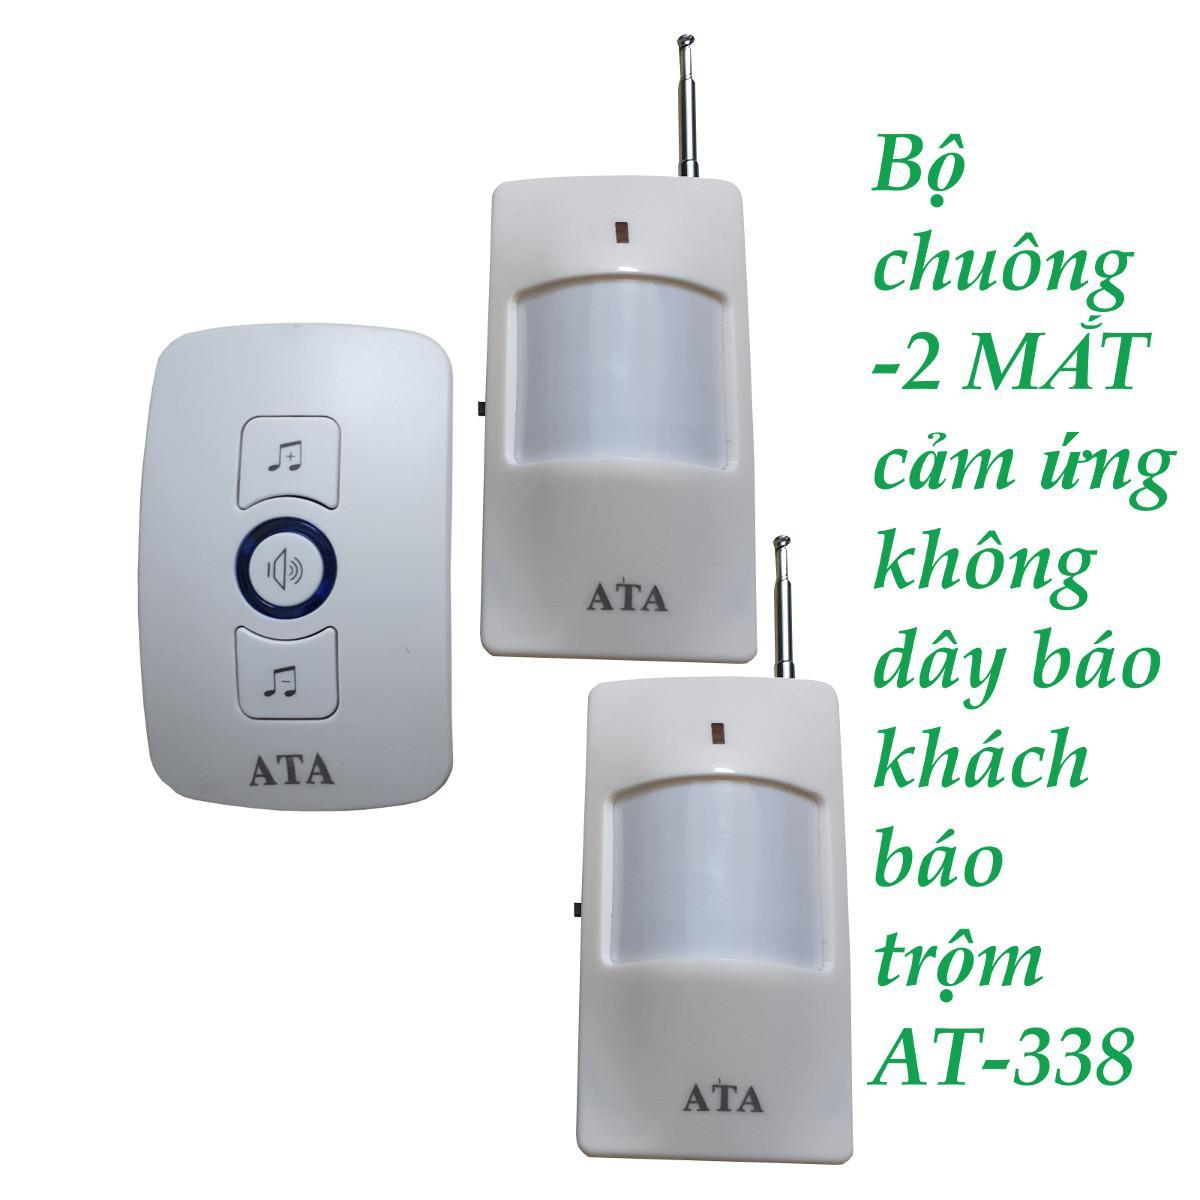 Bộ chuông 2 MẮT cảm ứng báo khách- báo trộm không dây AT-338. Kết nối thêm được chuông, cảm biến, nút nhấn, cửa từ. Tiếng chuông hay.